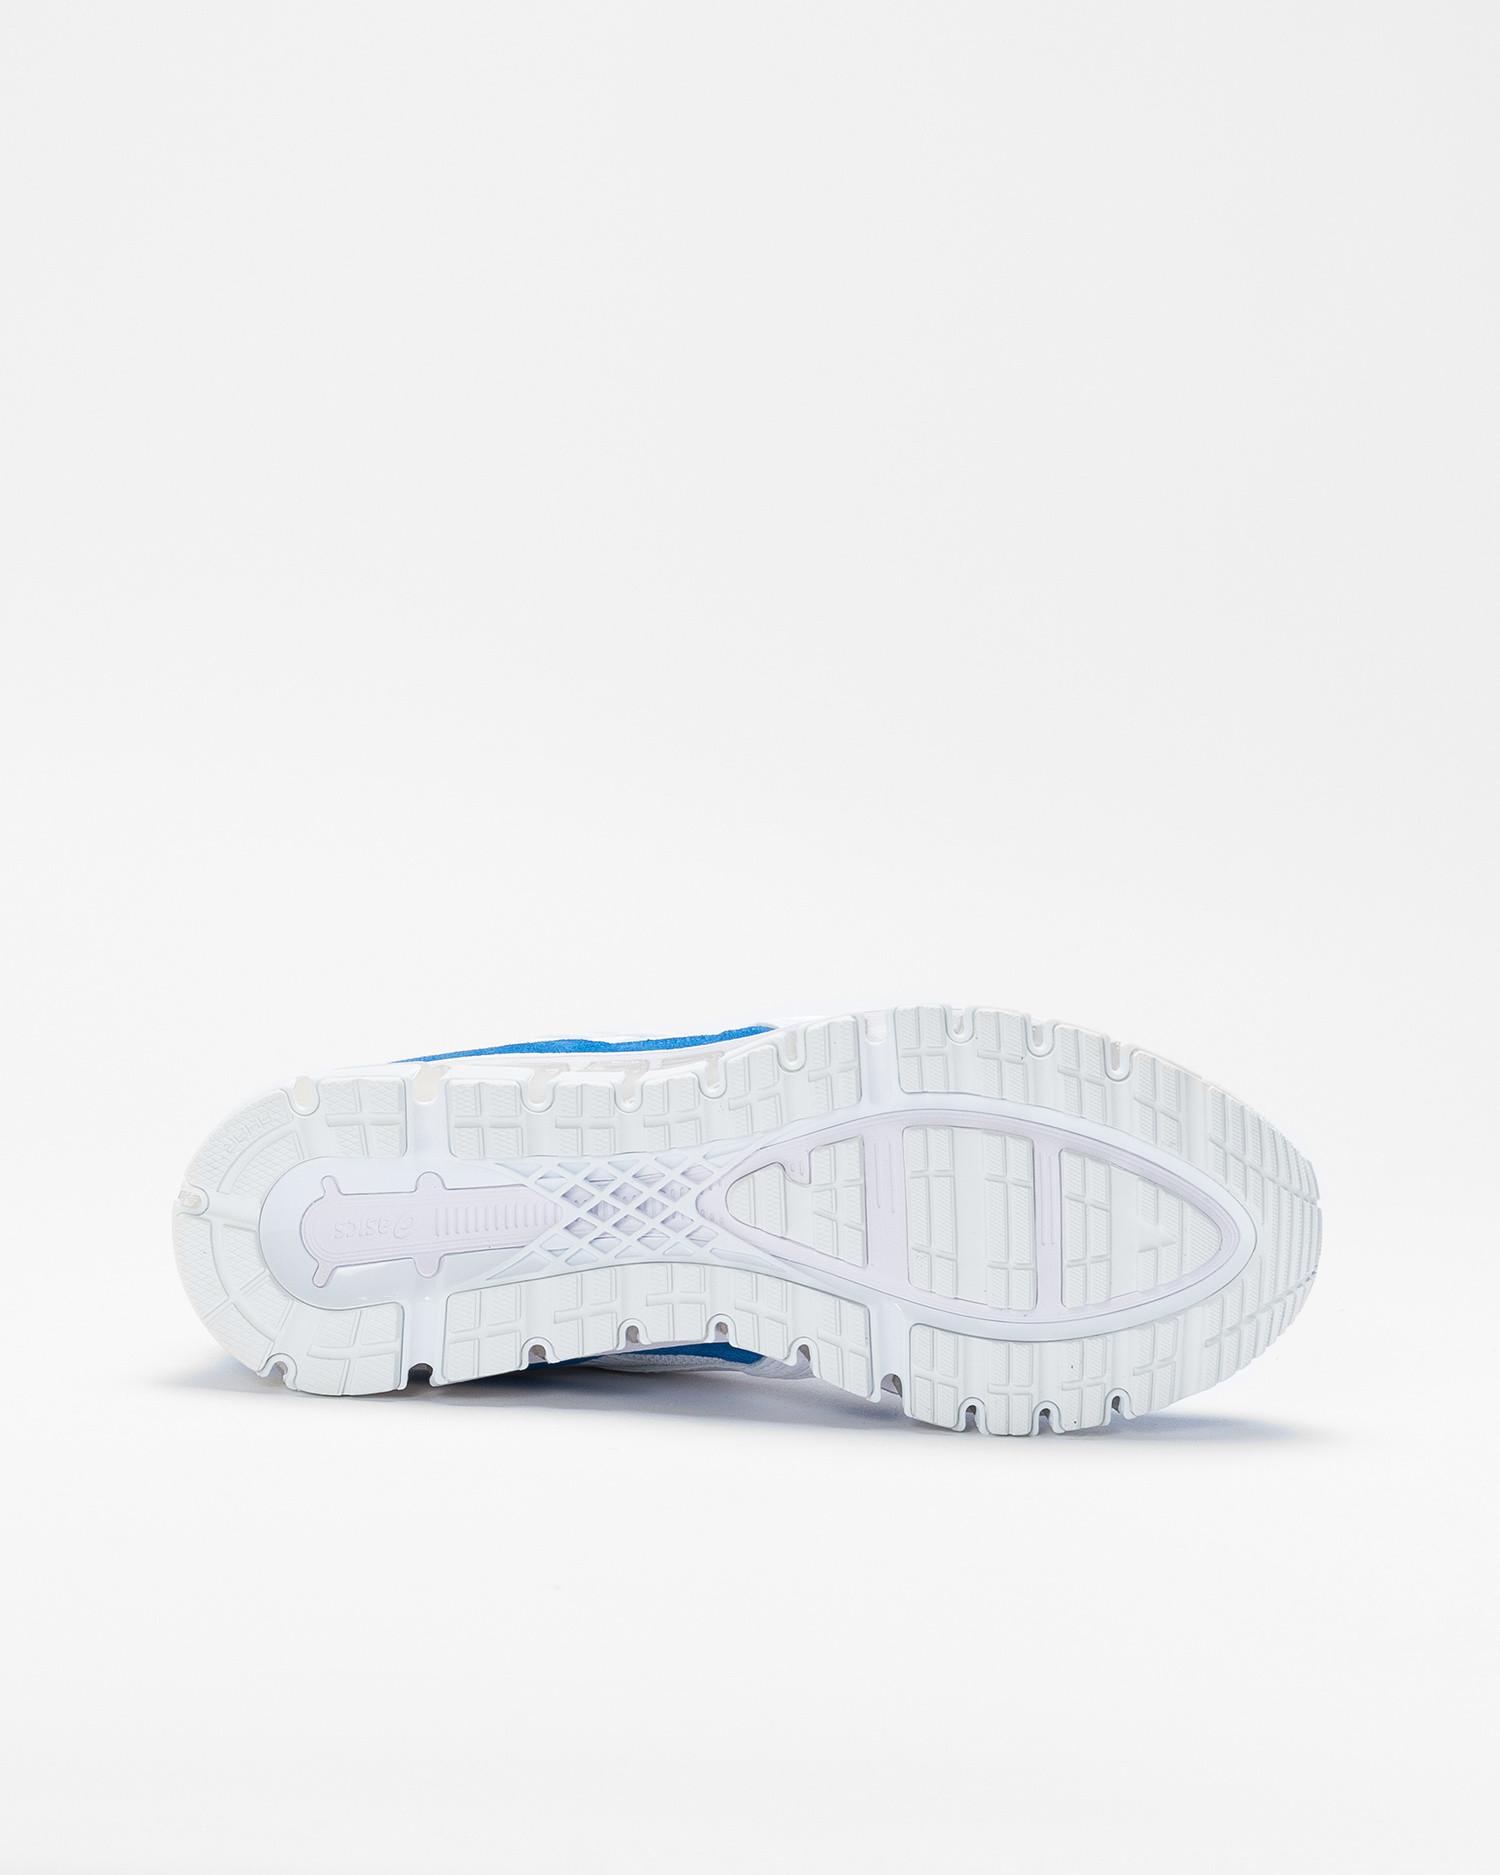 Asics Gel-Kayano 5 360 White/Electric Blue